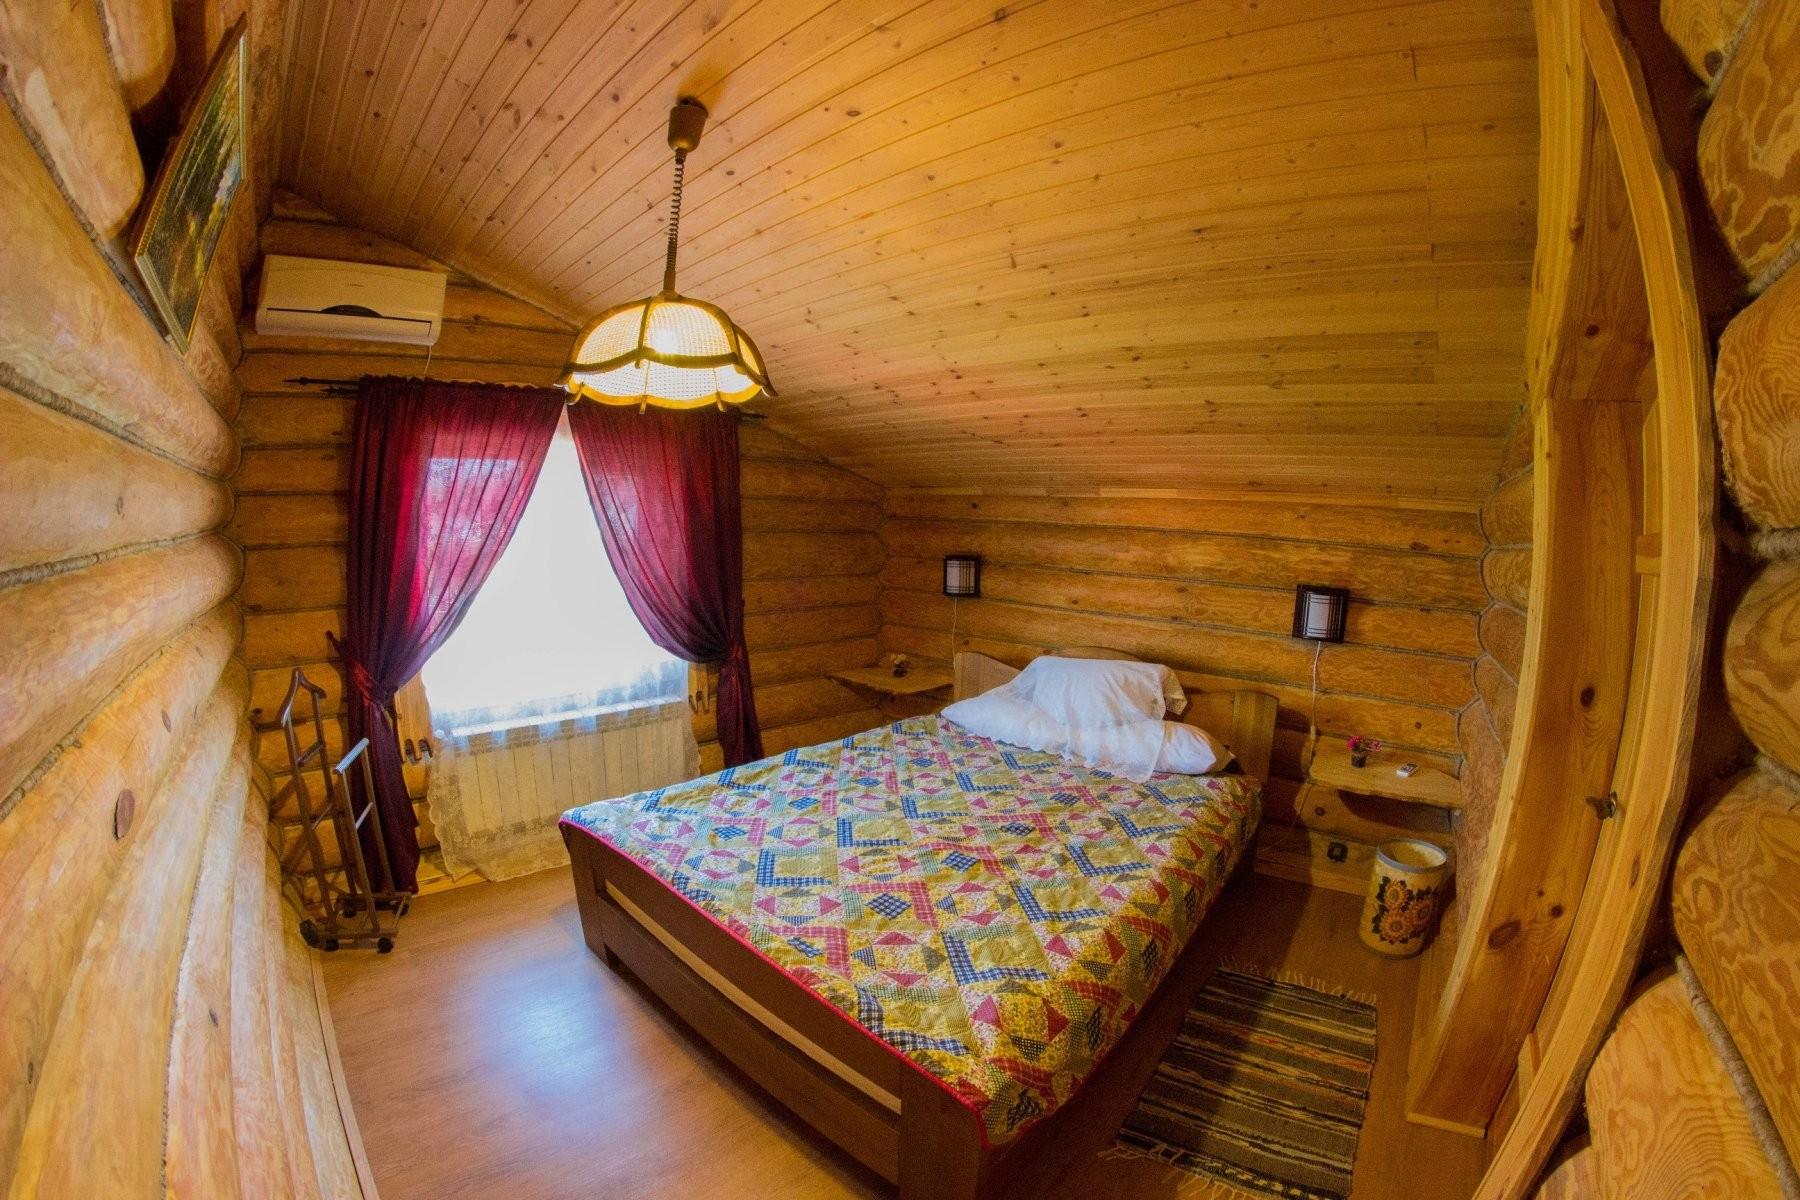 Суздаль-inn, гостиница - №4